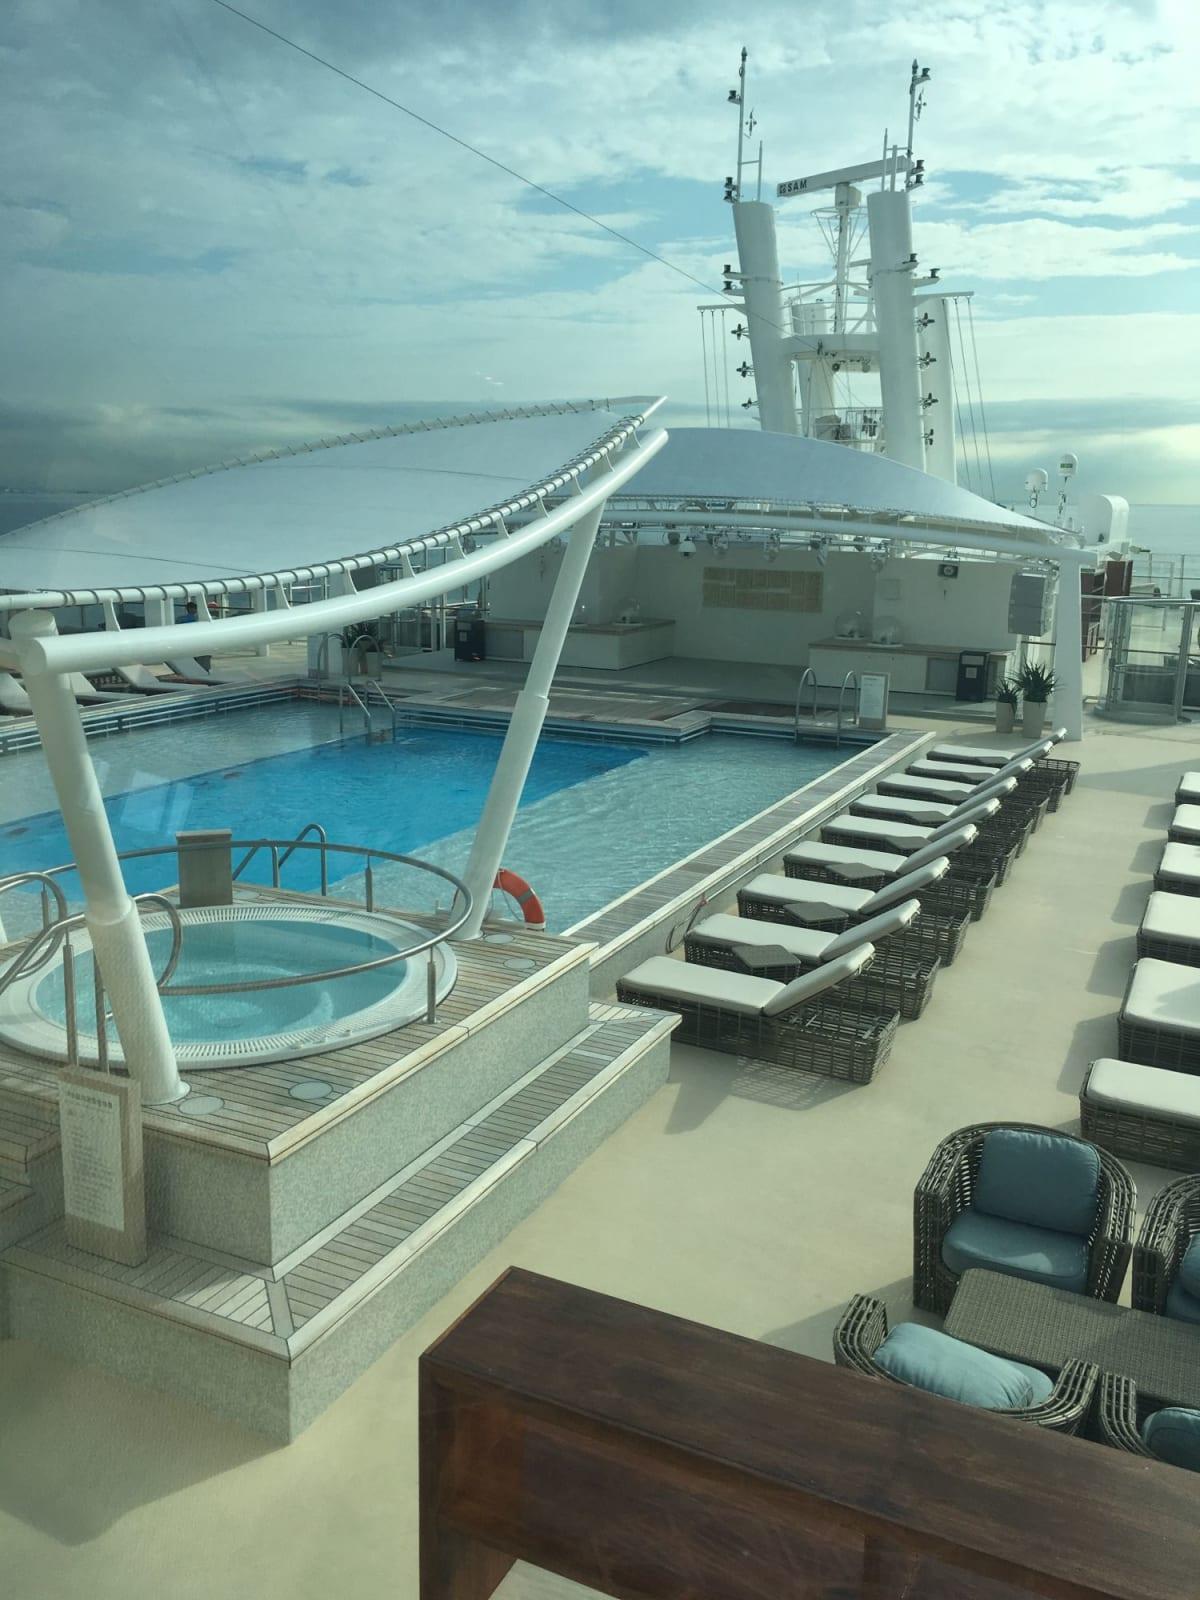 上のクラスのゲスト専用のプール。 | 客船ゲンティン・ドリームの船内施設